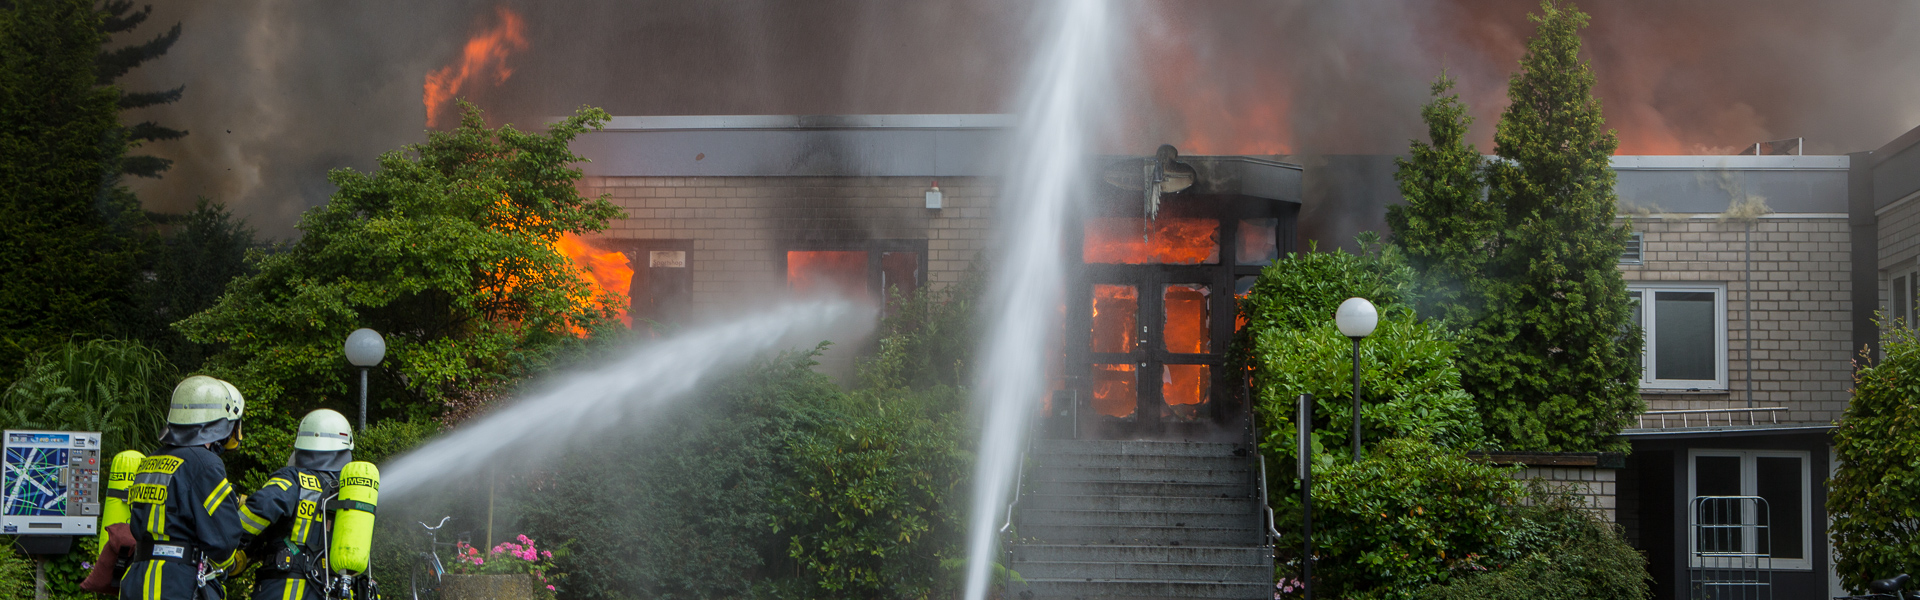 10.08.2017 – Schweißarbeiten lösen Großeinsatz in Schenefeld aus